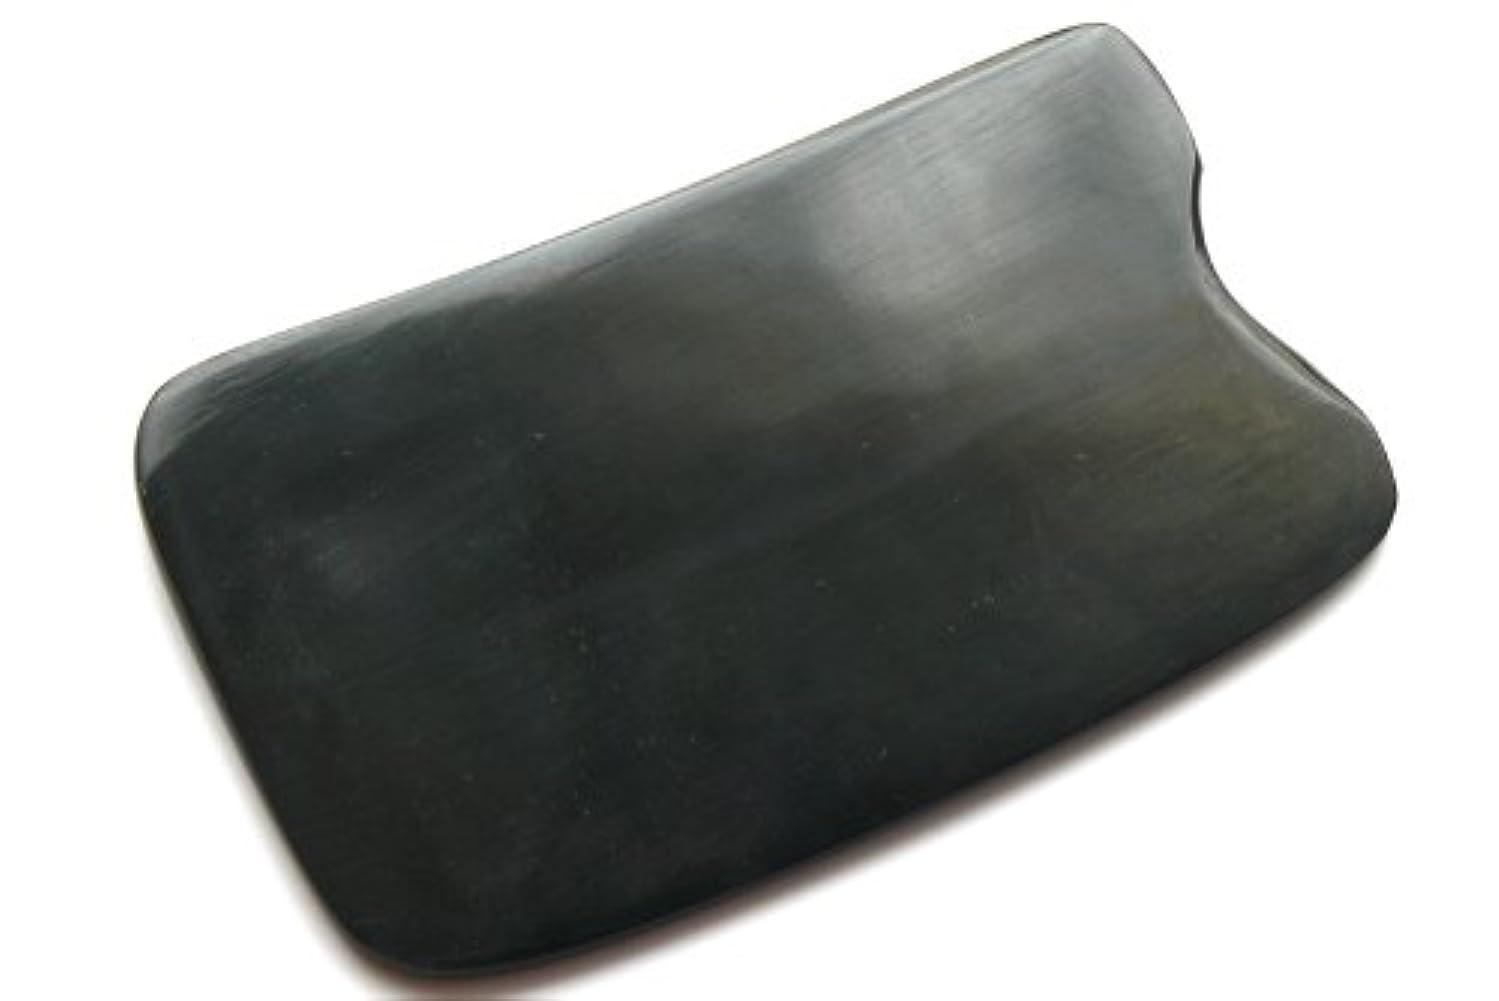 ソファーフェンス確かめるかっさ板、美容、刮莎板、グアシャ板,水牛角製